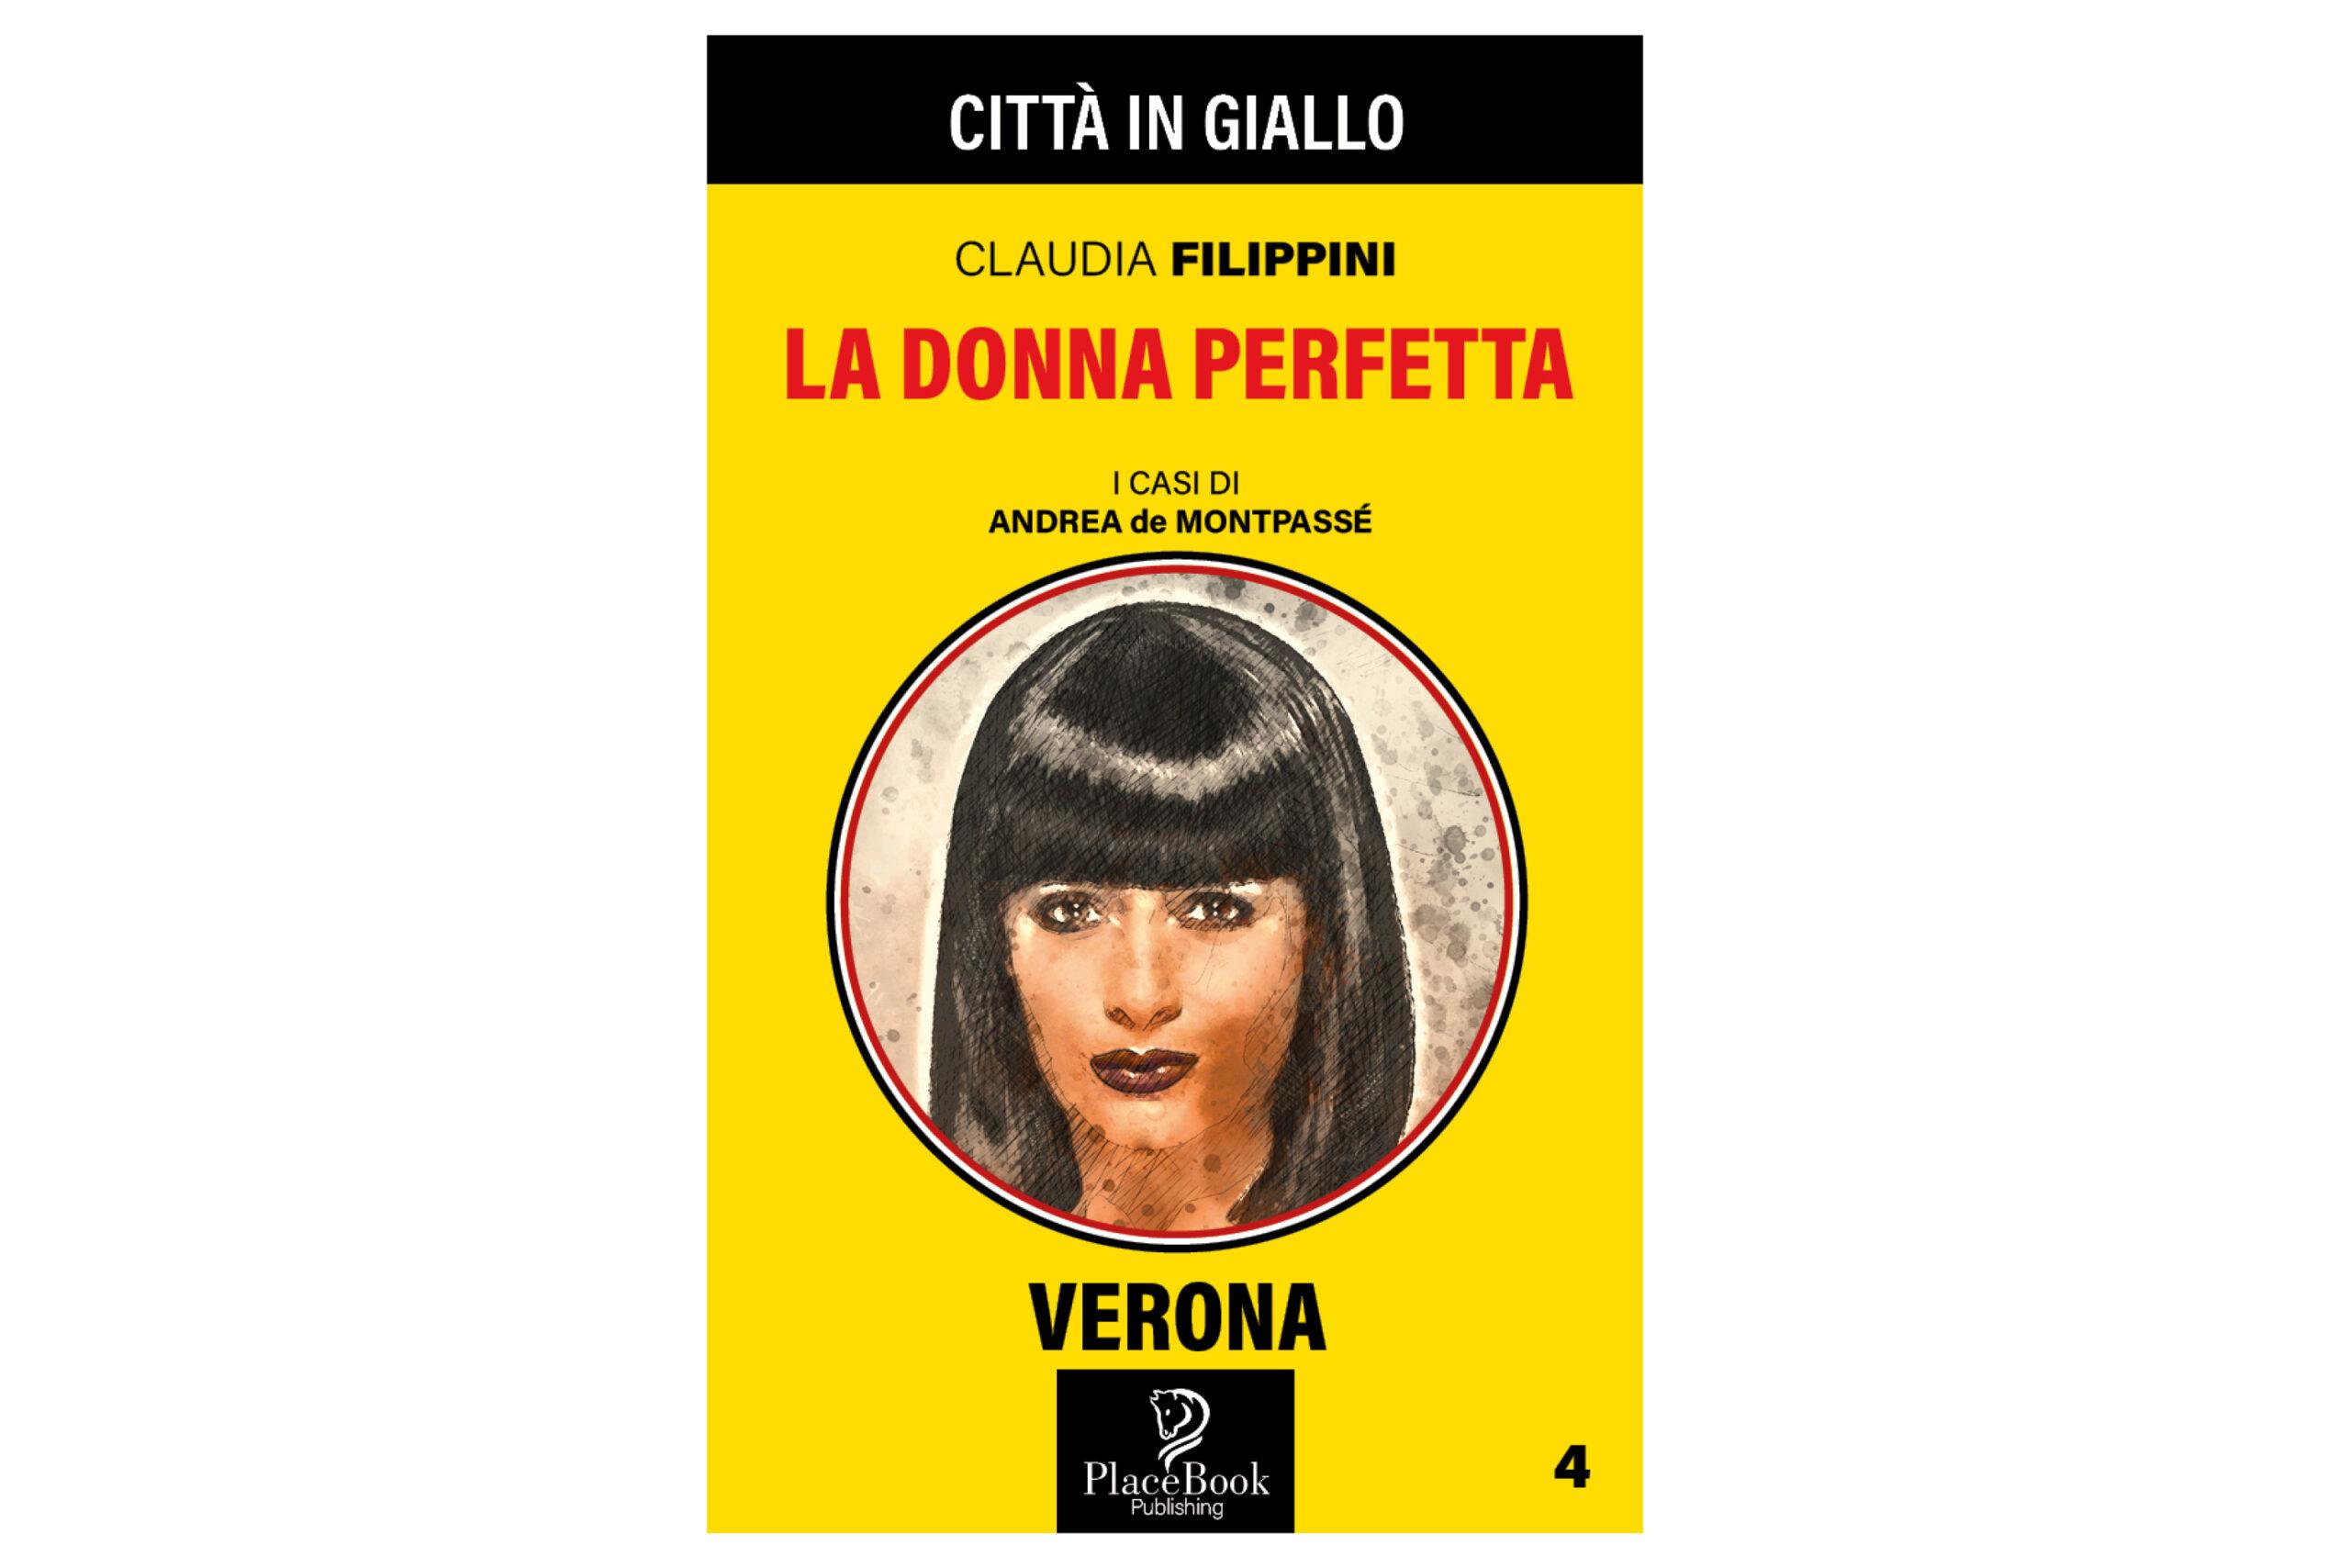 La donna perfetta – Verona 4